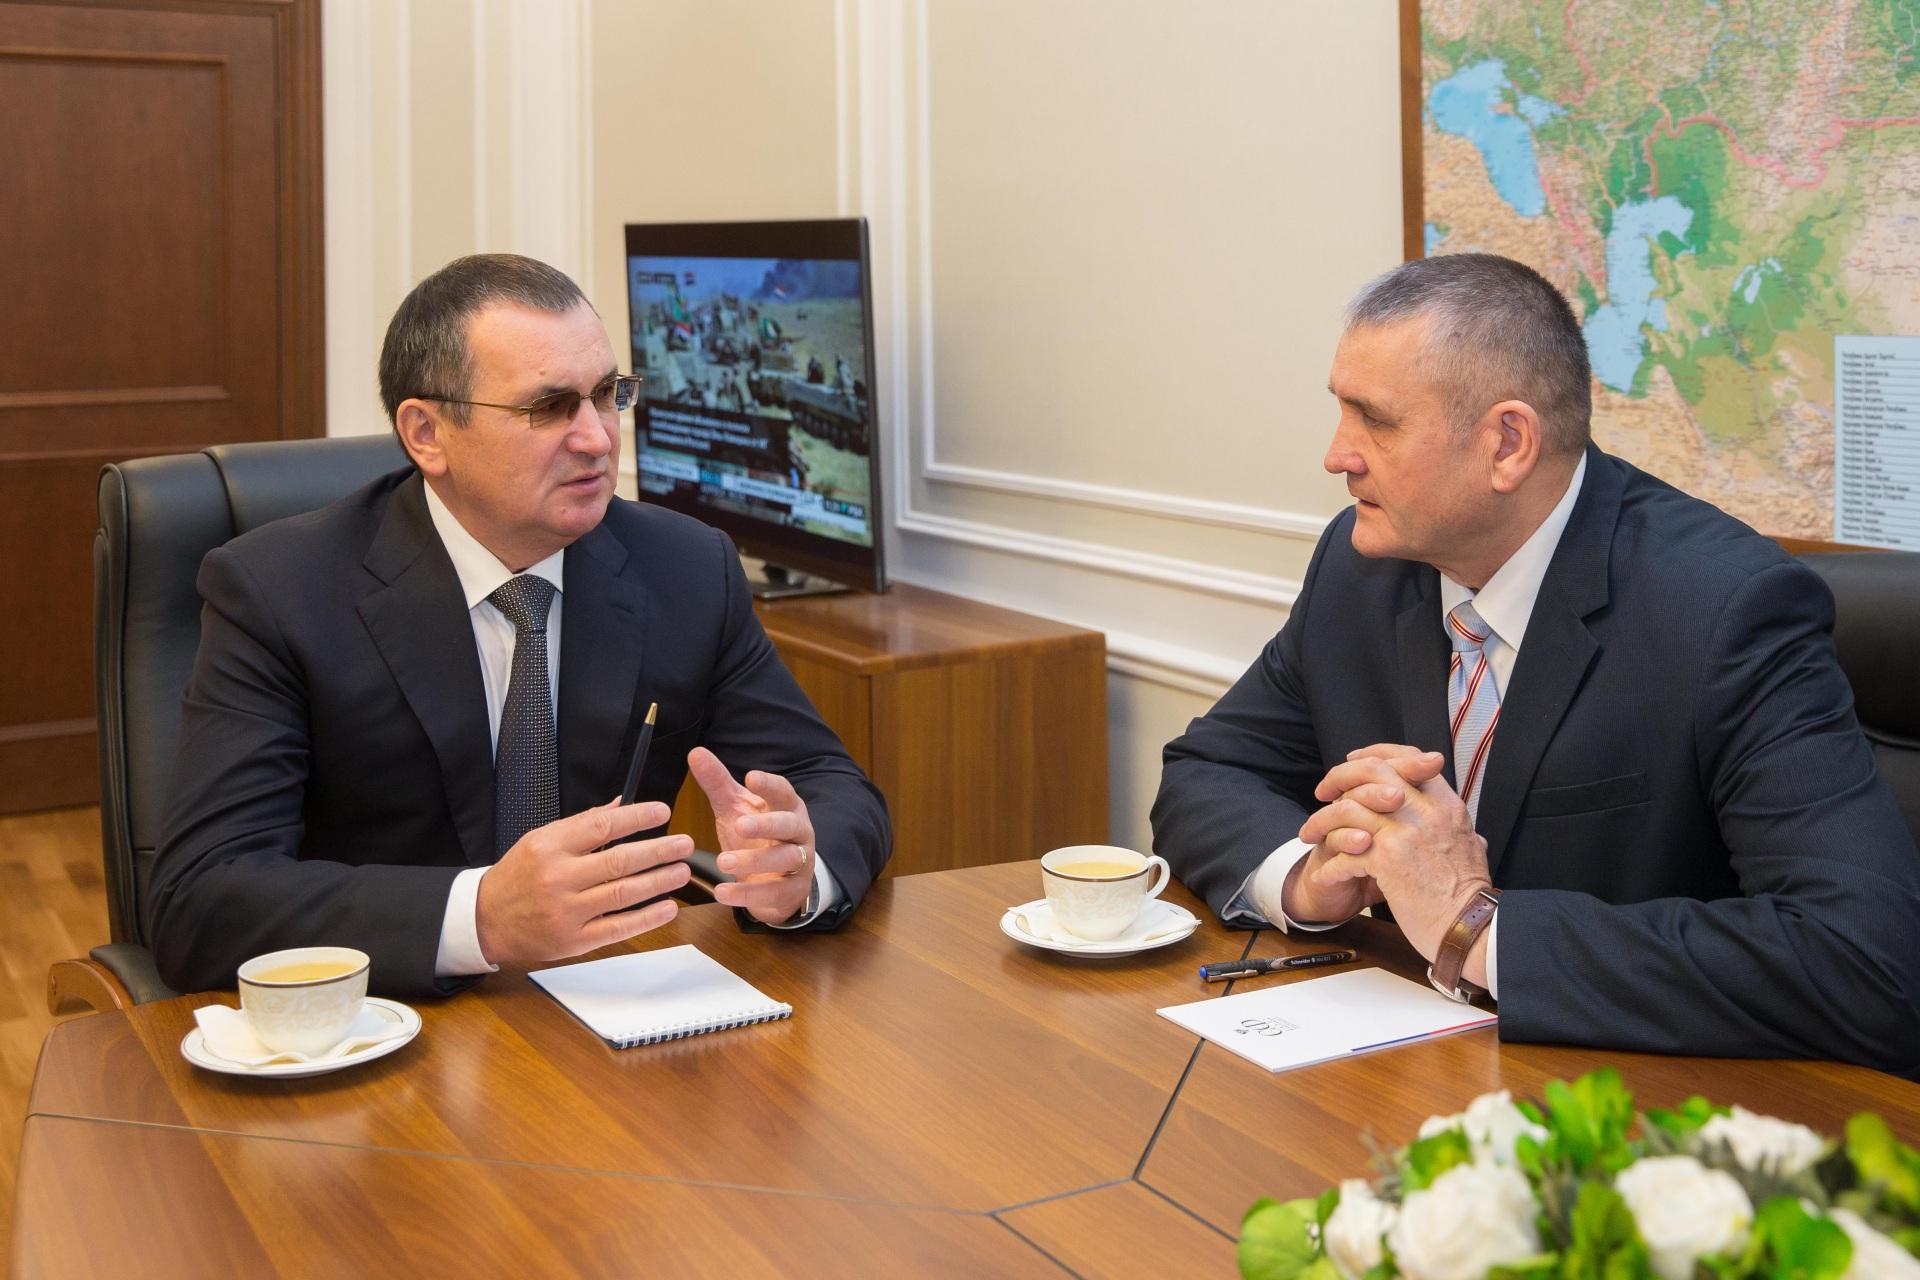 Анатолий Князев поднял в Совете Федерации вопросы поддержки коренных малочисленных народов и северных аграриев